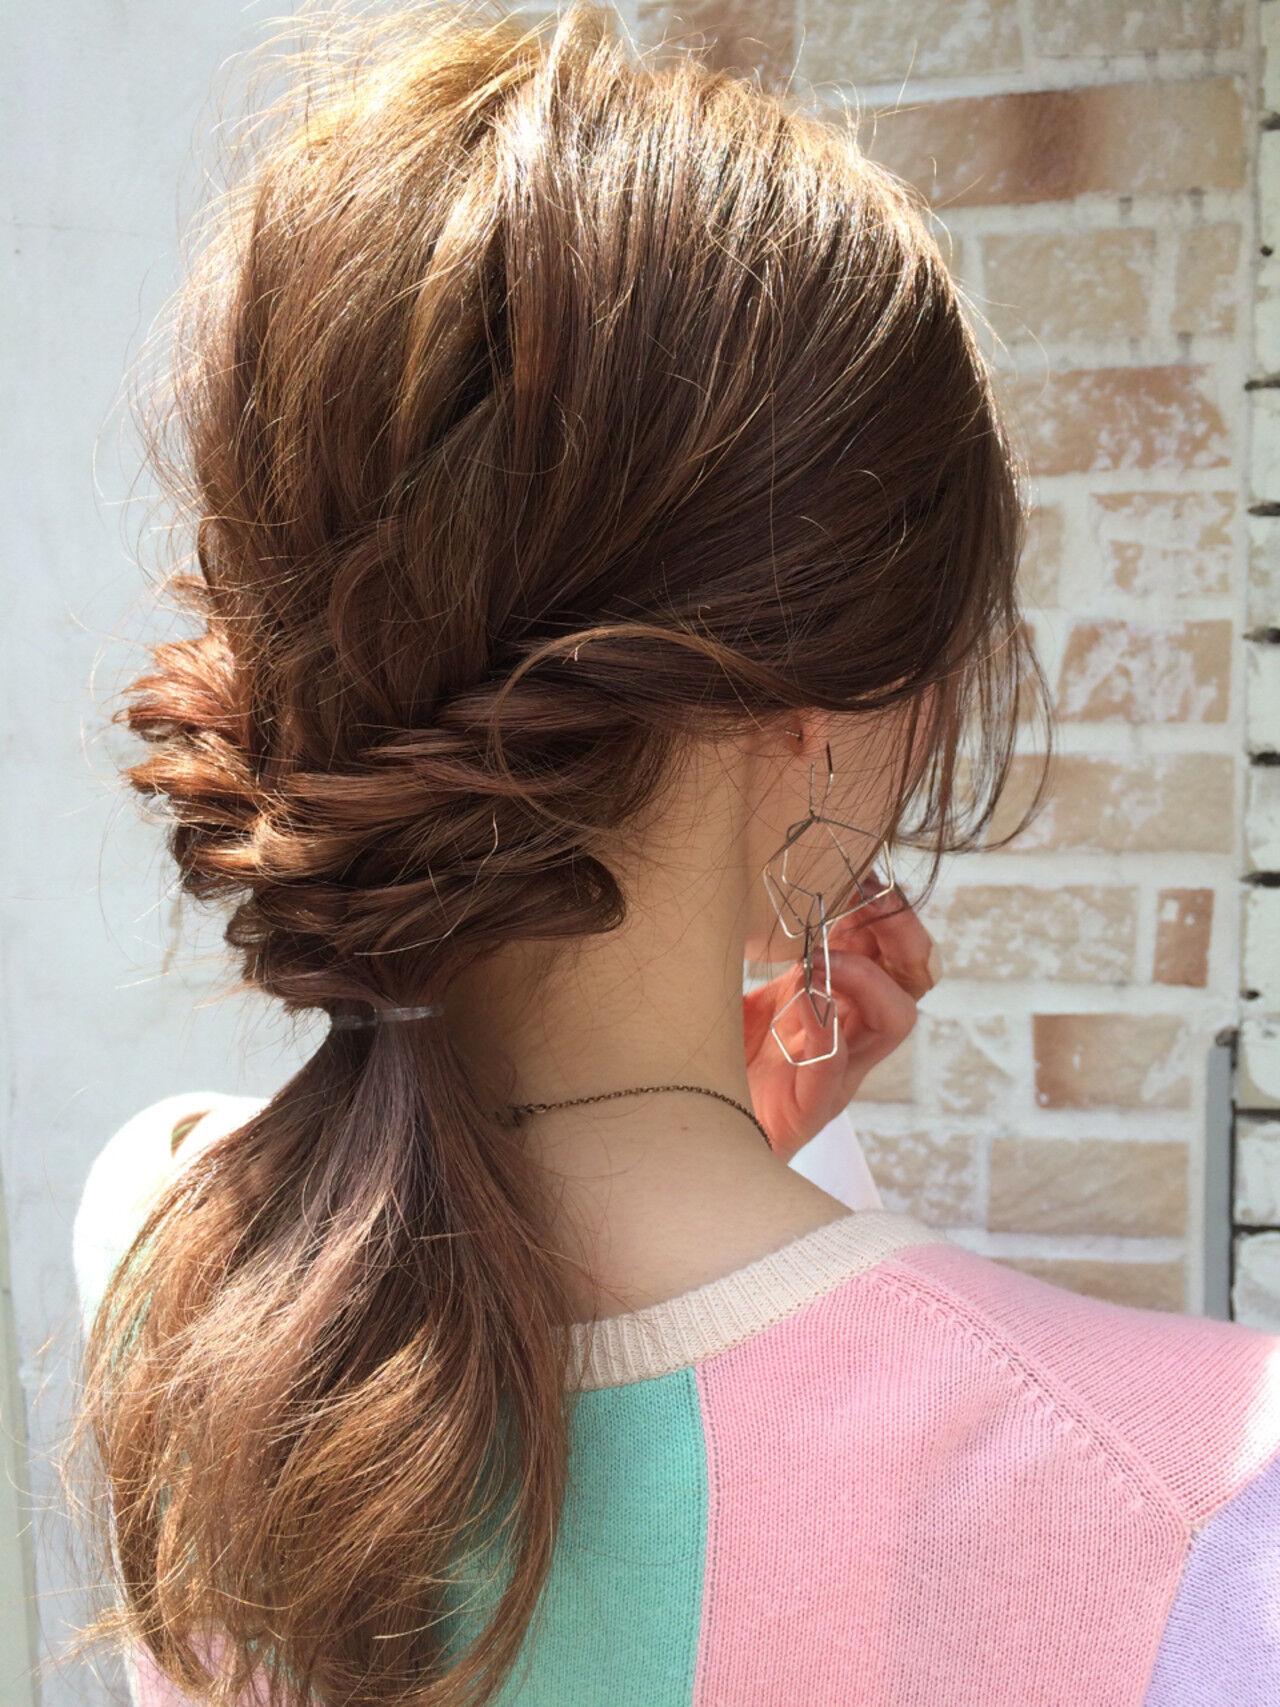 ショート パーマ ハーフアップ ミディアムヘアスタイルや髪型の写真・画像